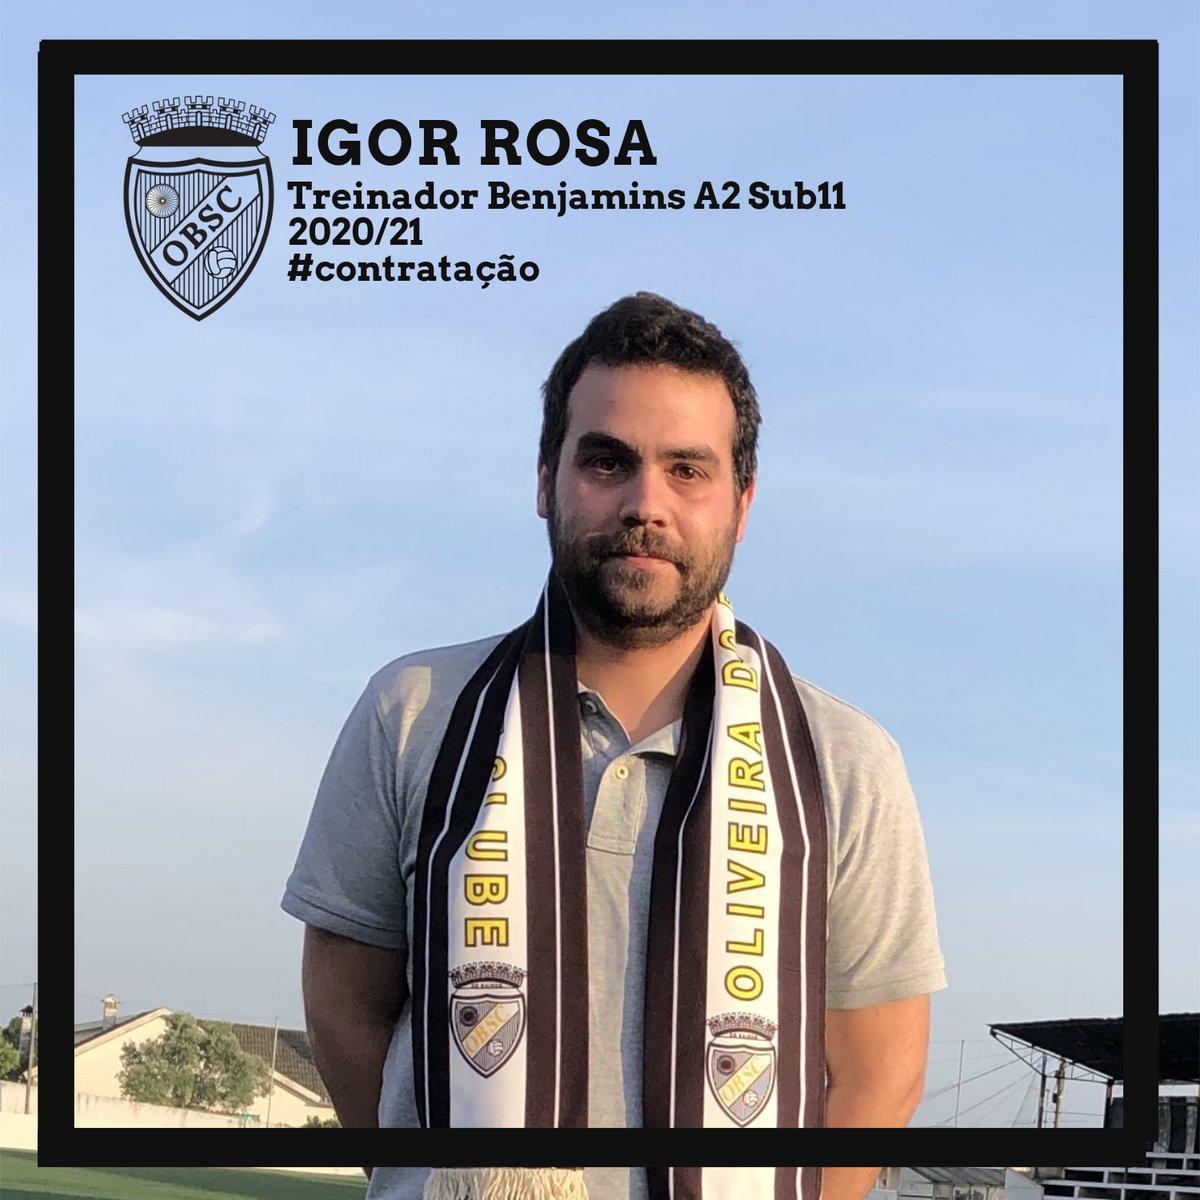 Igor Rosa, reforço para os Benjamins Sub11